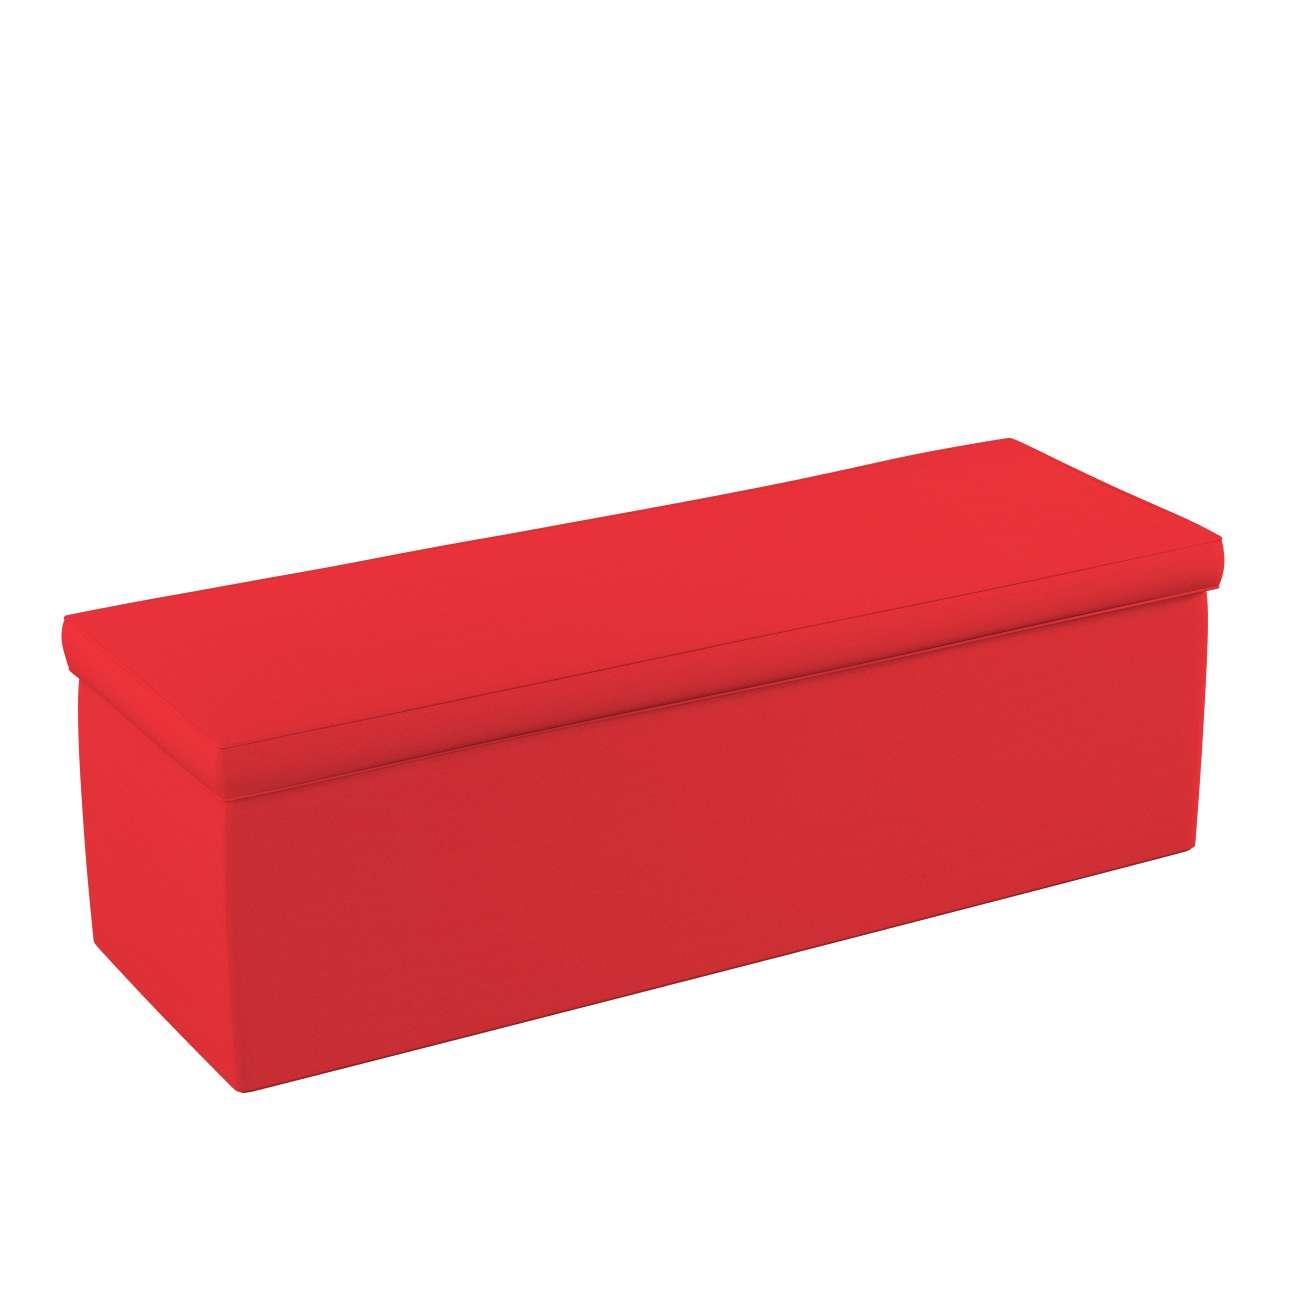 Čalouněná skříň s volbou látky - 2 velikosti v kolekci Loneta, látka: 133-43